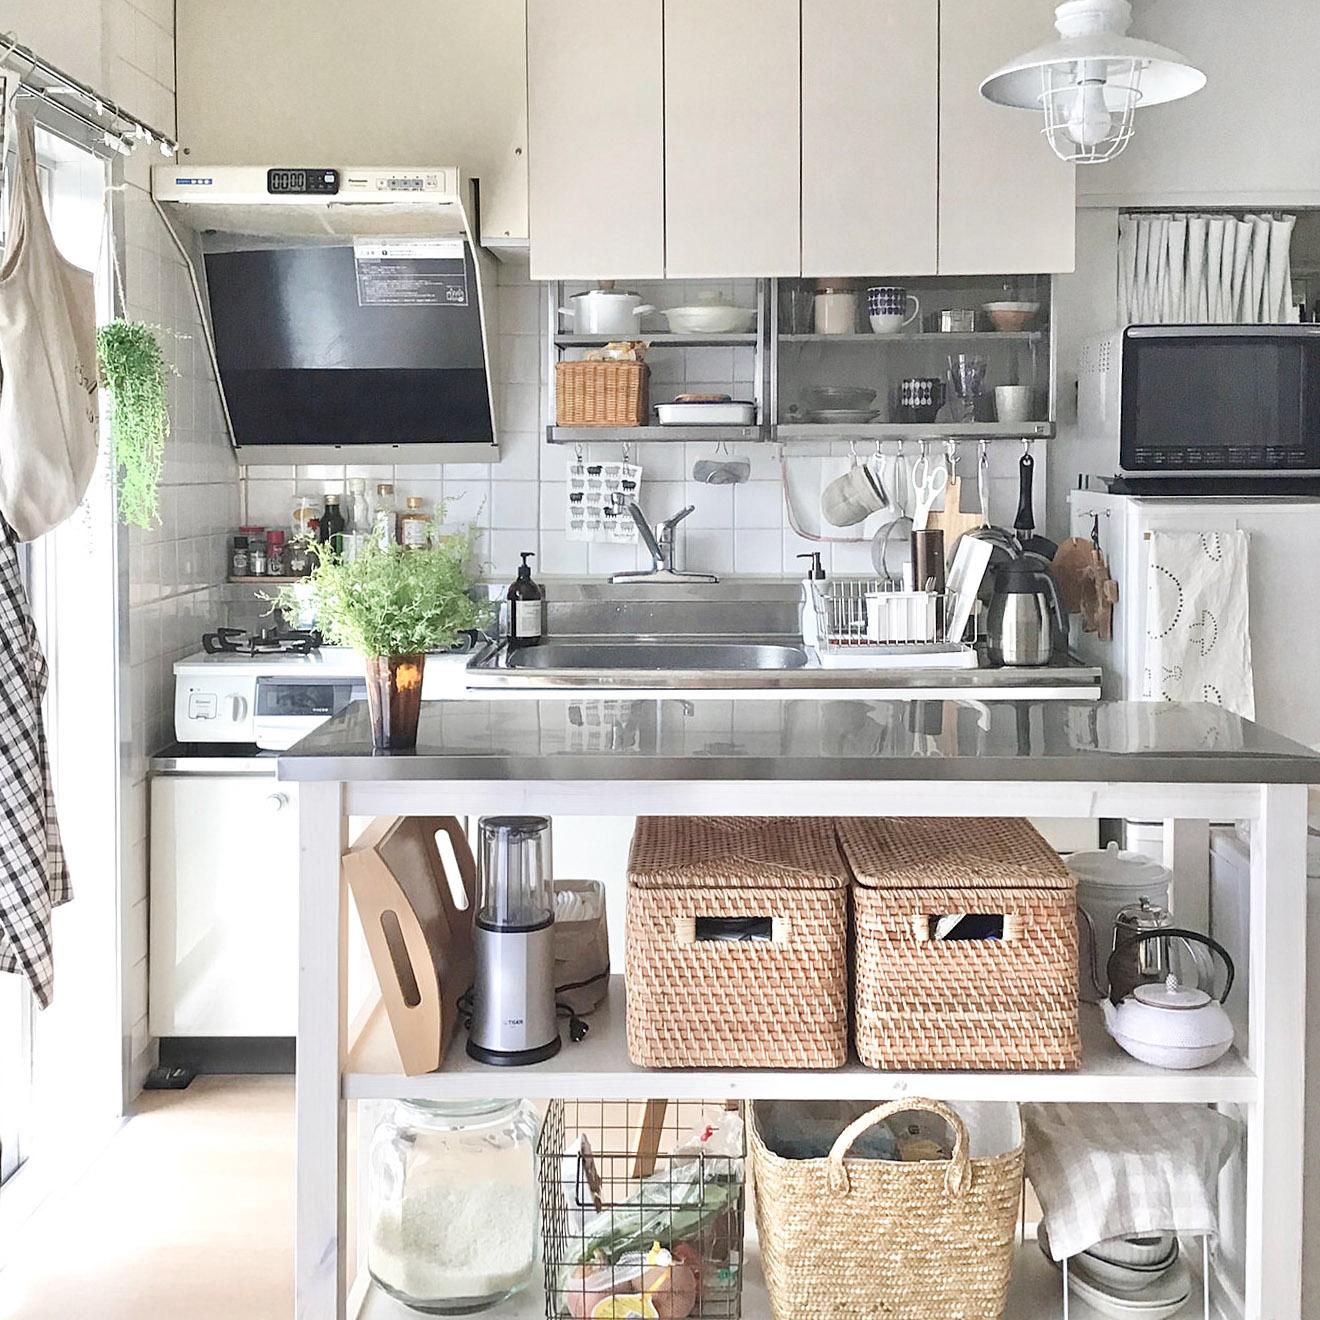 リビングスペースとの間に置かれているのは、ステンレス天板のワークテーブル。「これがあることで、作業がしやすくなりました。収納もできますし、すごく使い勝手良くて気に入っています」